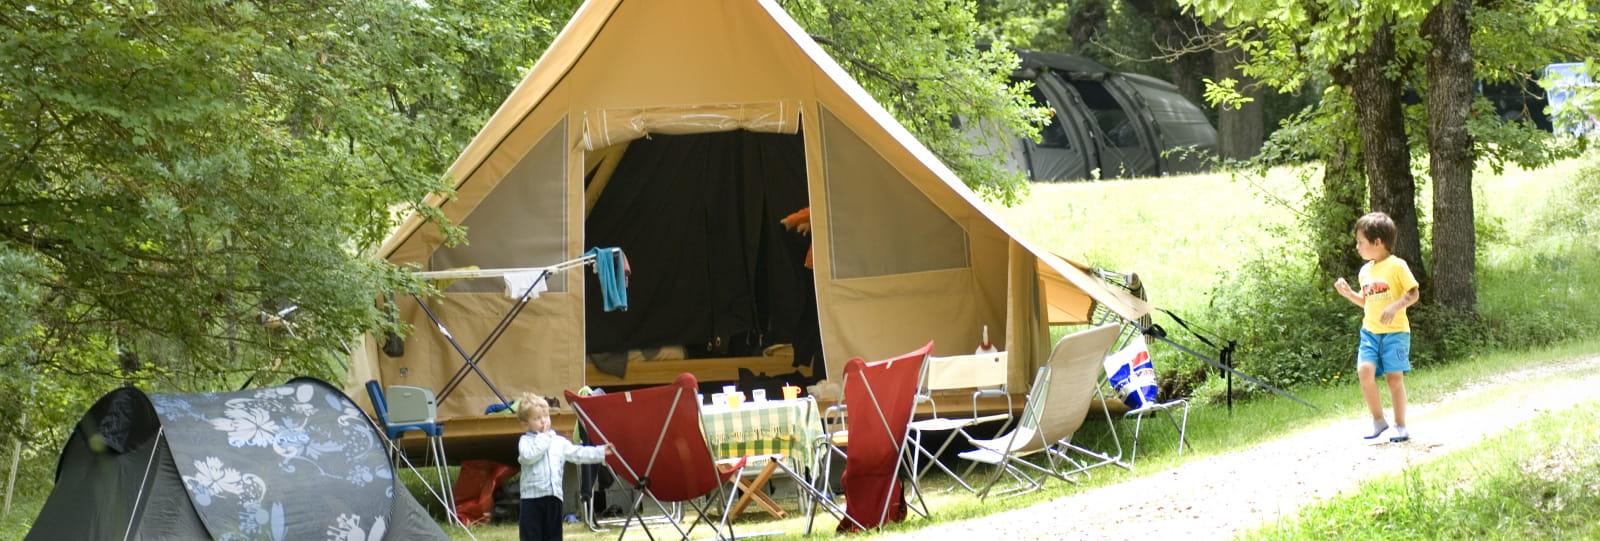 Les Glamping Lodges Nature de La Ferme de Clareau